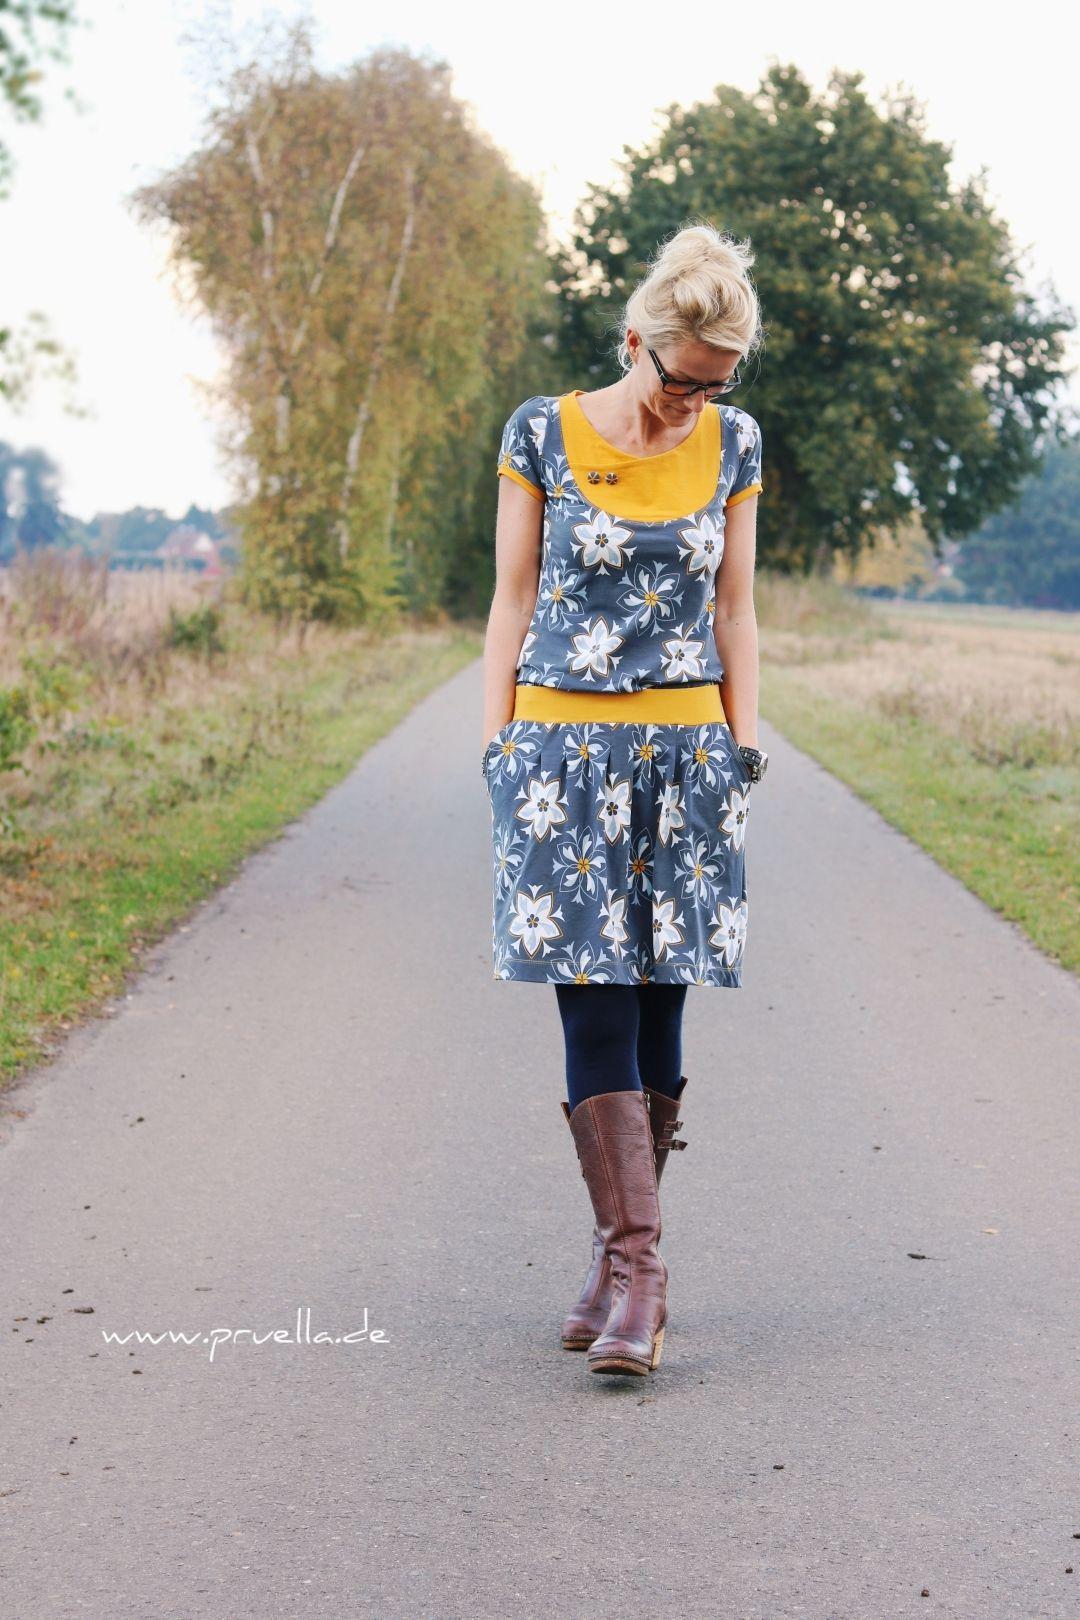 Delft trifft Sommerimmerkleid Anni – Summer outfits